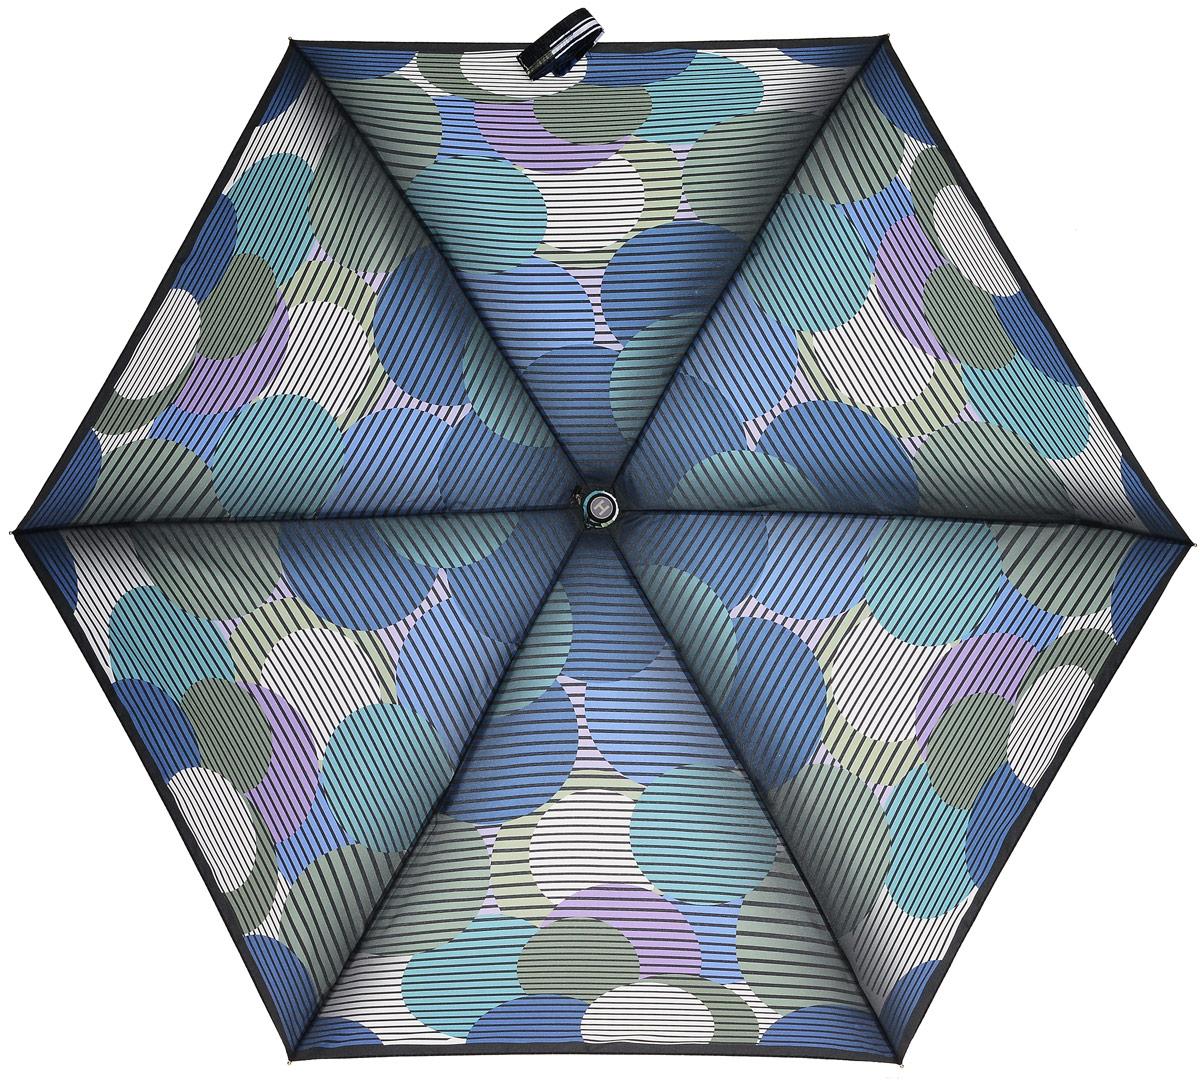 Зонт женский Henry Backer, 5 сложений, цвет: мультиколор. U34203 Big peasU34203 Big peasЛегкий женский зонт «Большой горох», мультиколор, механика Рукоять выполнена из нескользящего материала, ветроустойчивый каркас из алюминия и фибергласса.